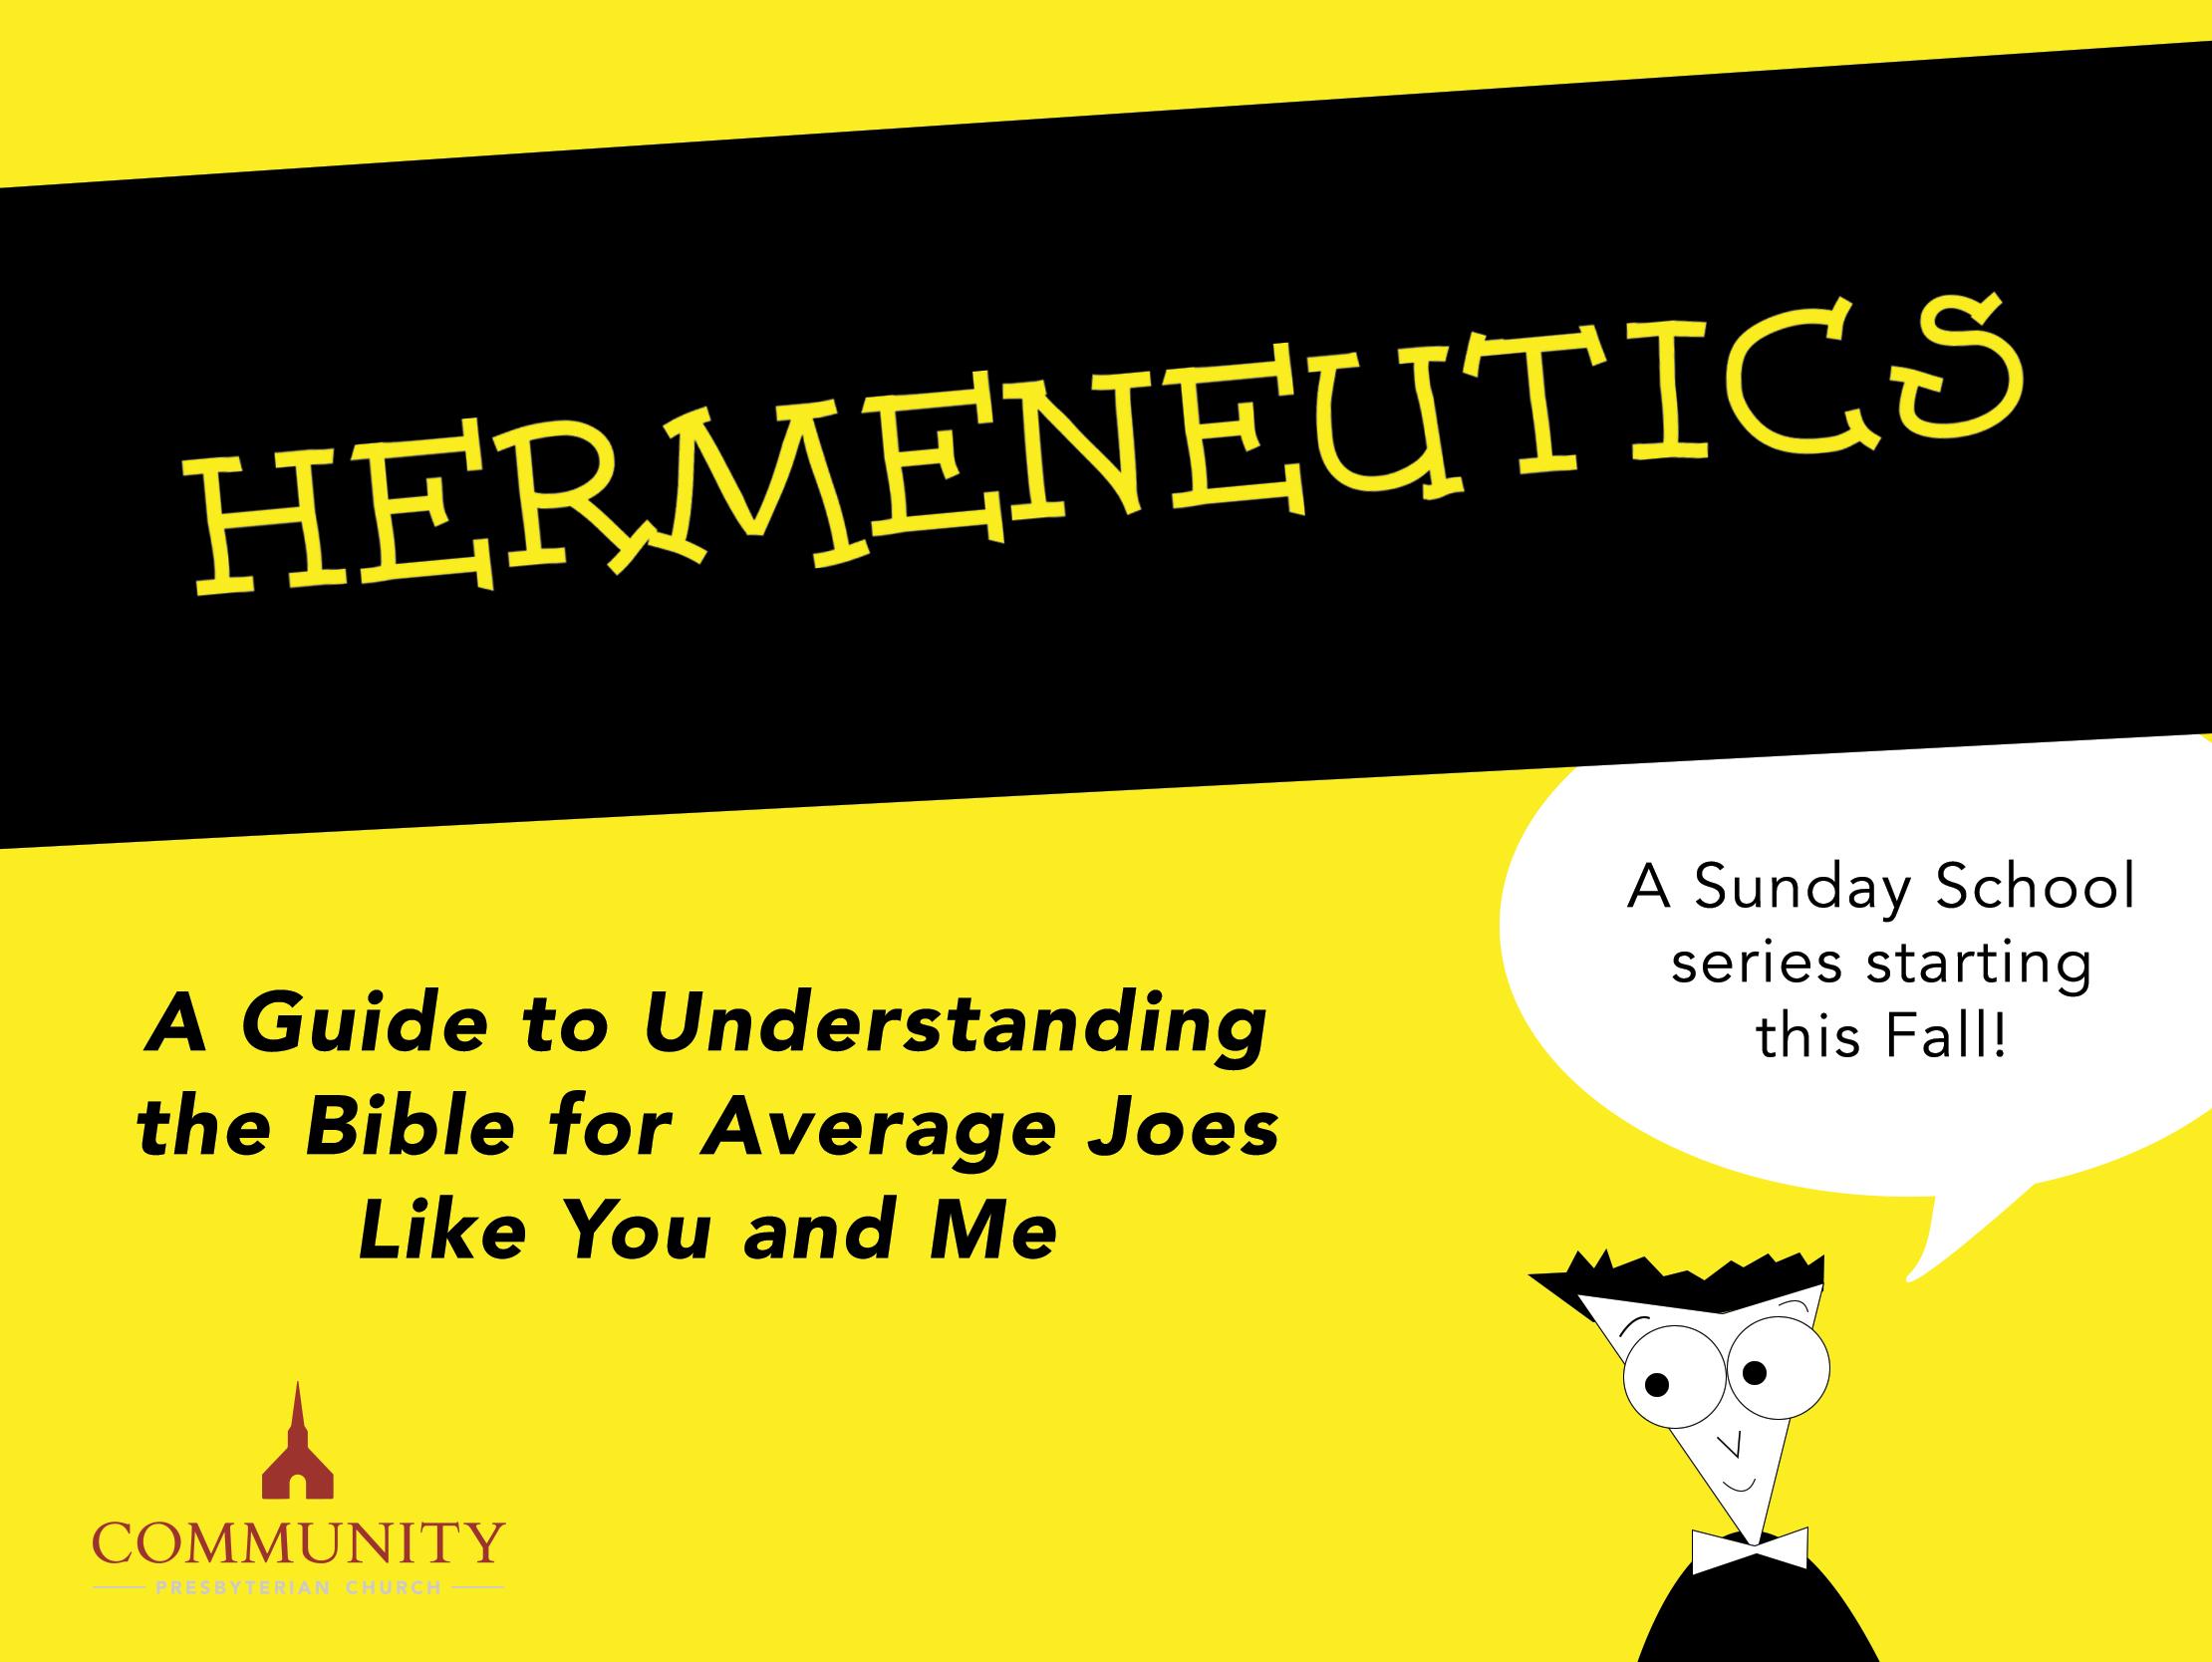 Hermeneutics.jpg